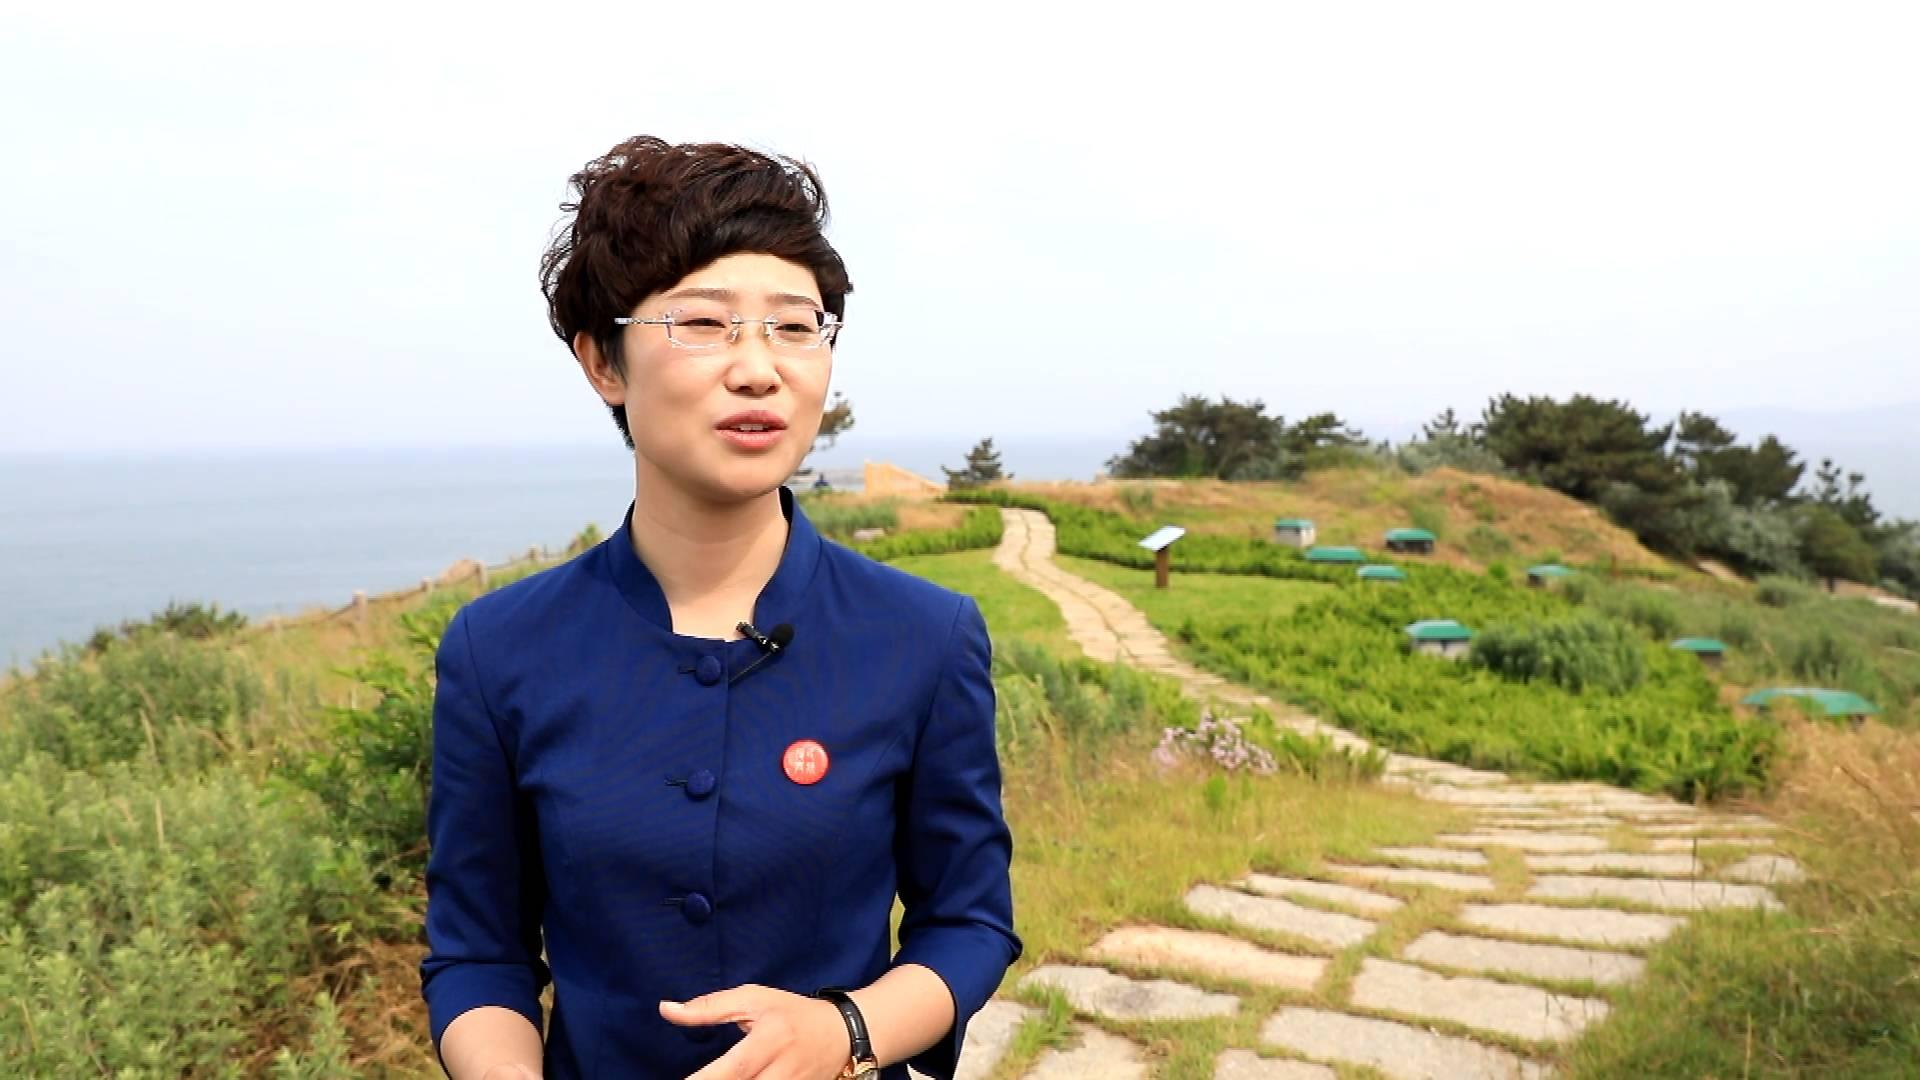 总书记来到我们身边丨李翠翠:提到建设海洋强国,习近平总书记非常自信